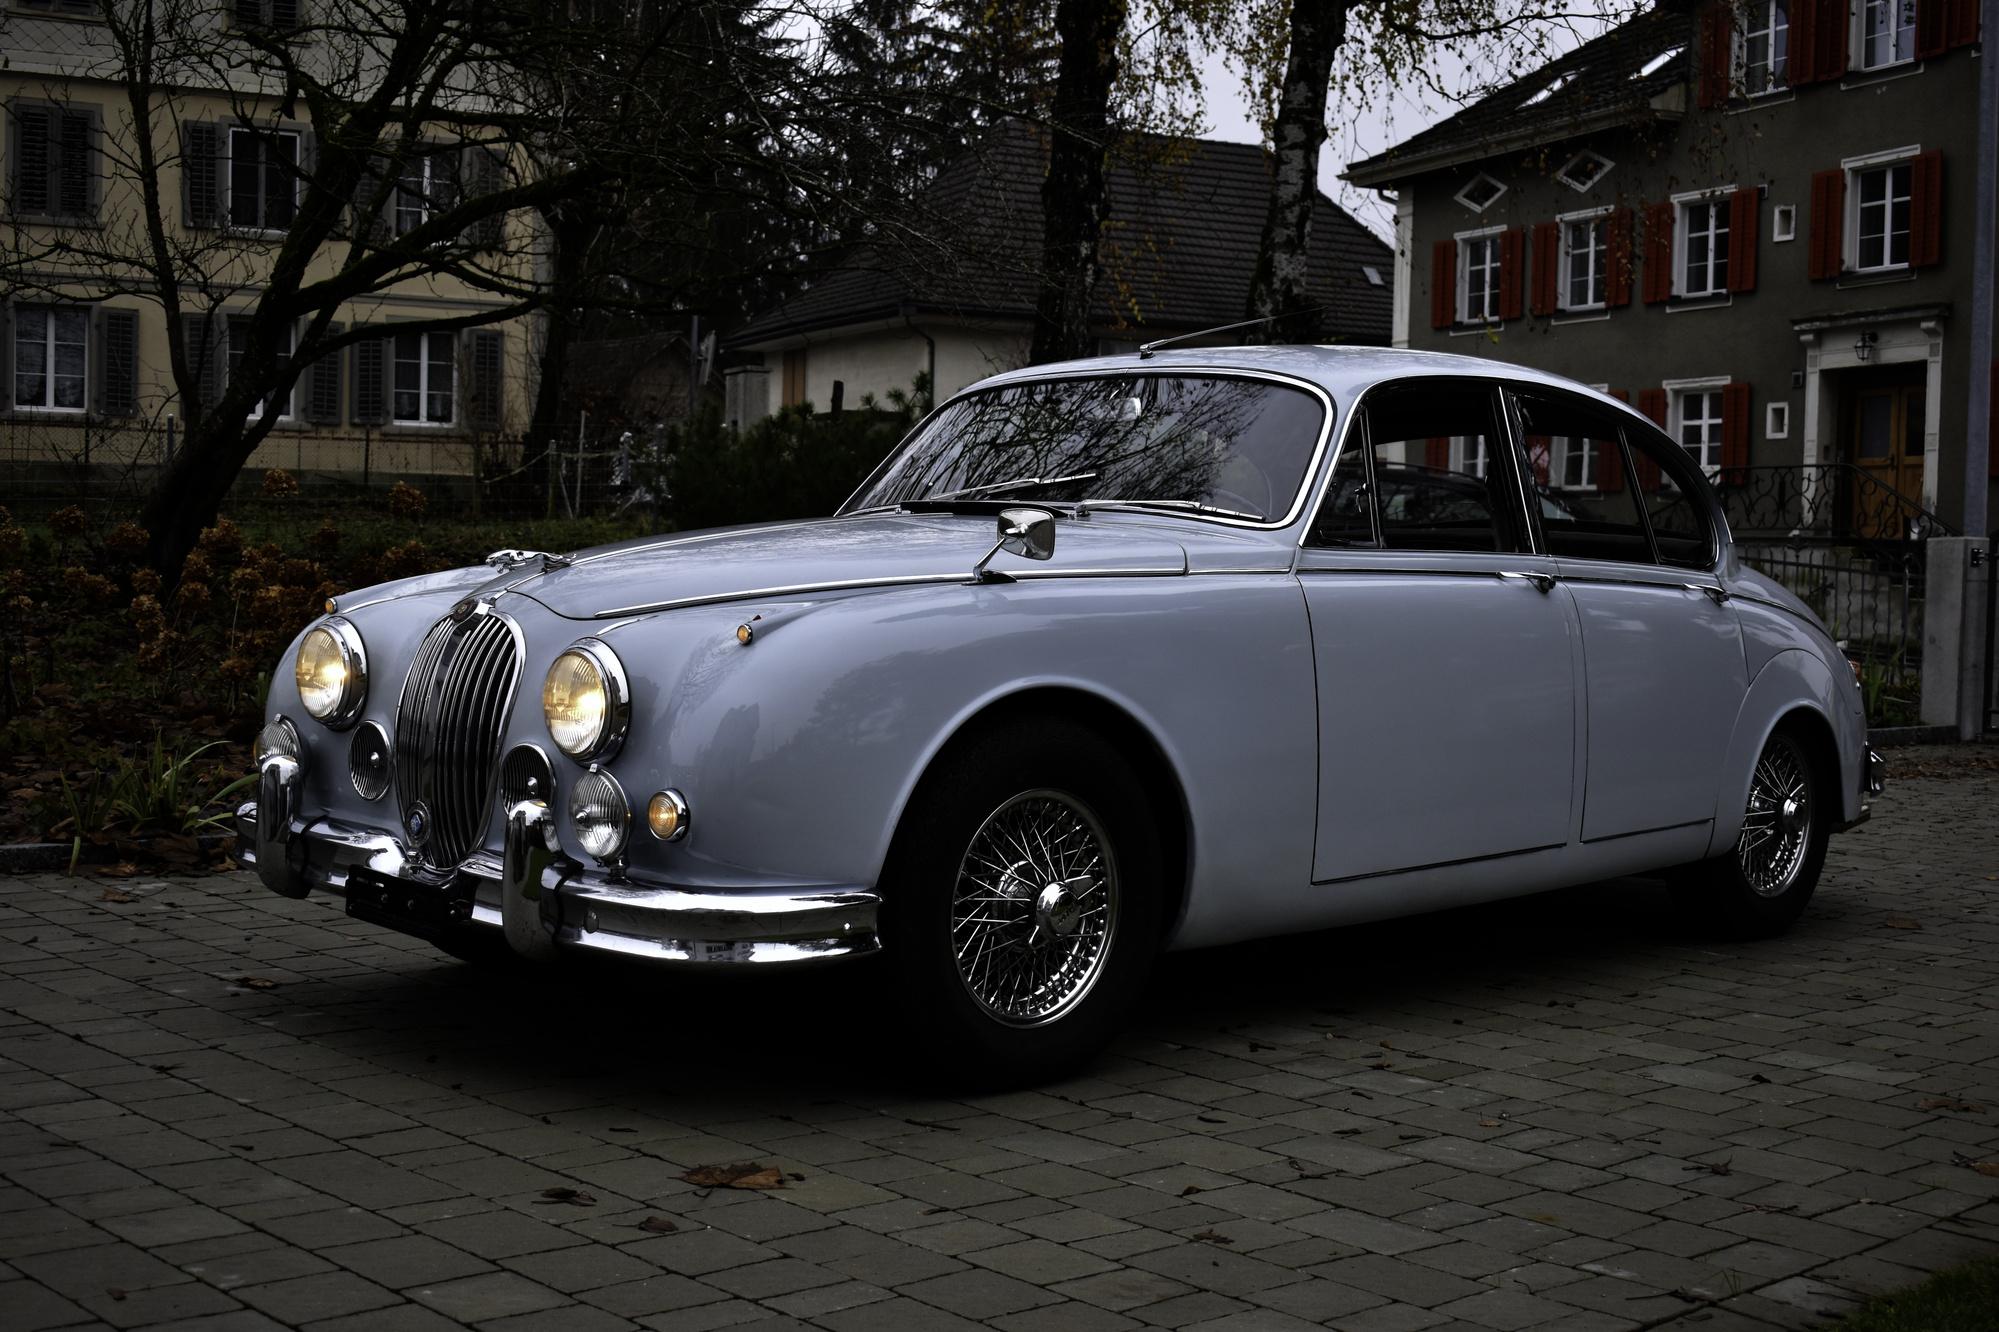 Versteigerung Auktion hellblauer 1965 Jaguar Mark 2 2.4 Liter in Dreiviertelansicht von vorne links mit Dorfbild im Hintergrund